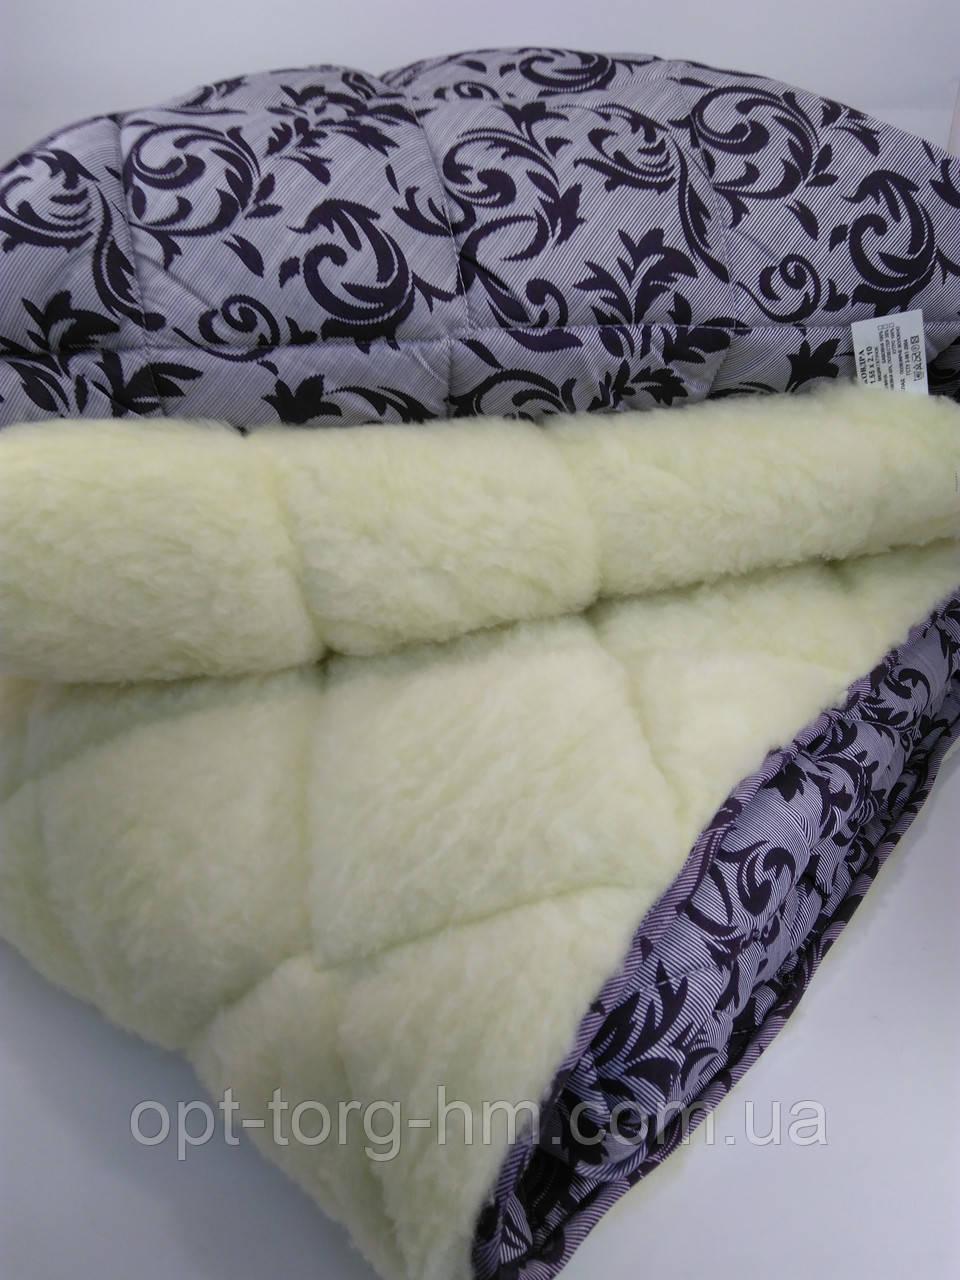 Одеяло Меховое открытое 155*210 ОДА (полиэстер)